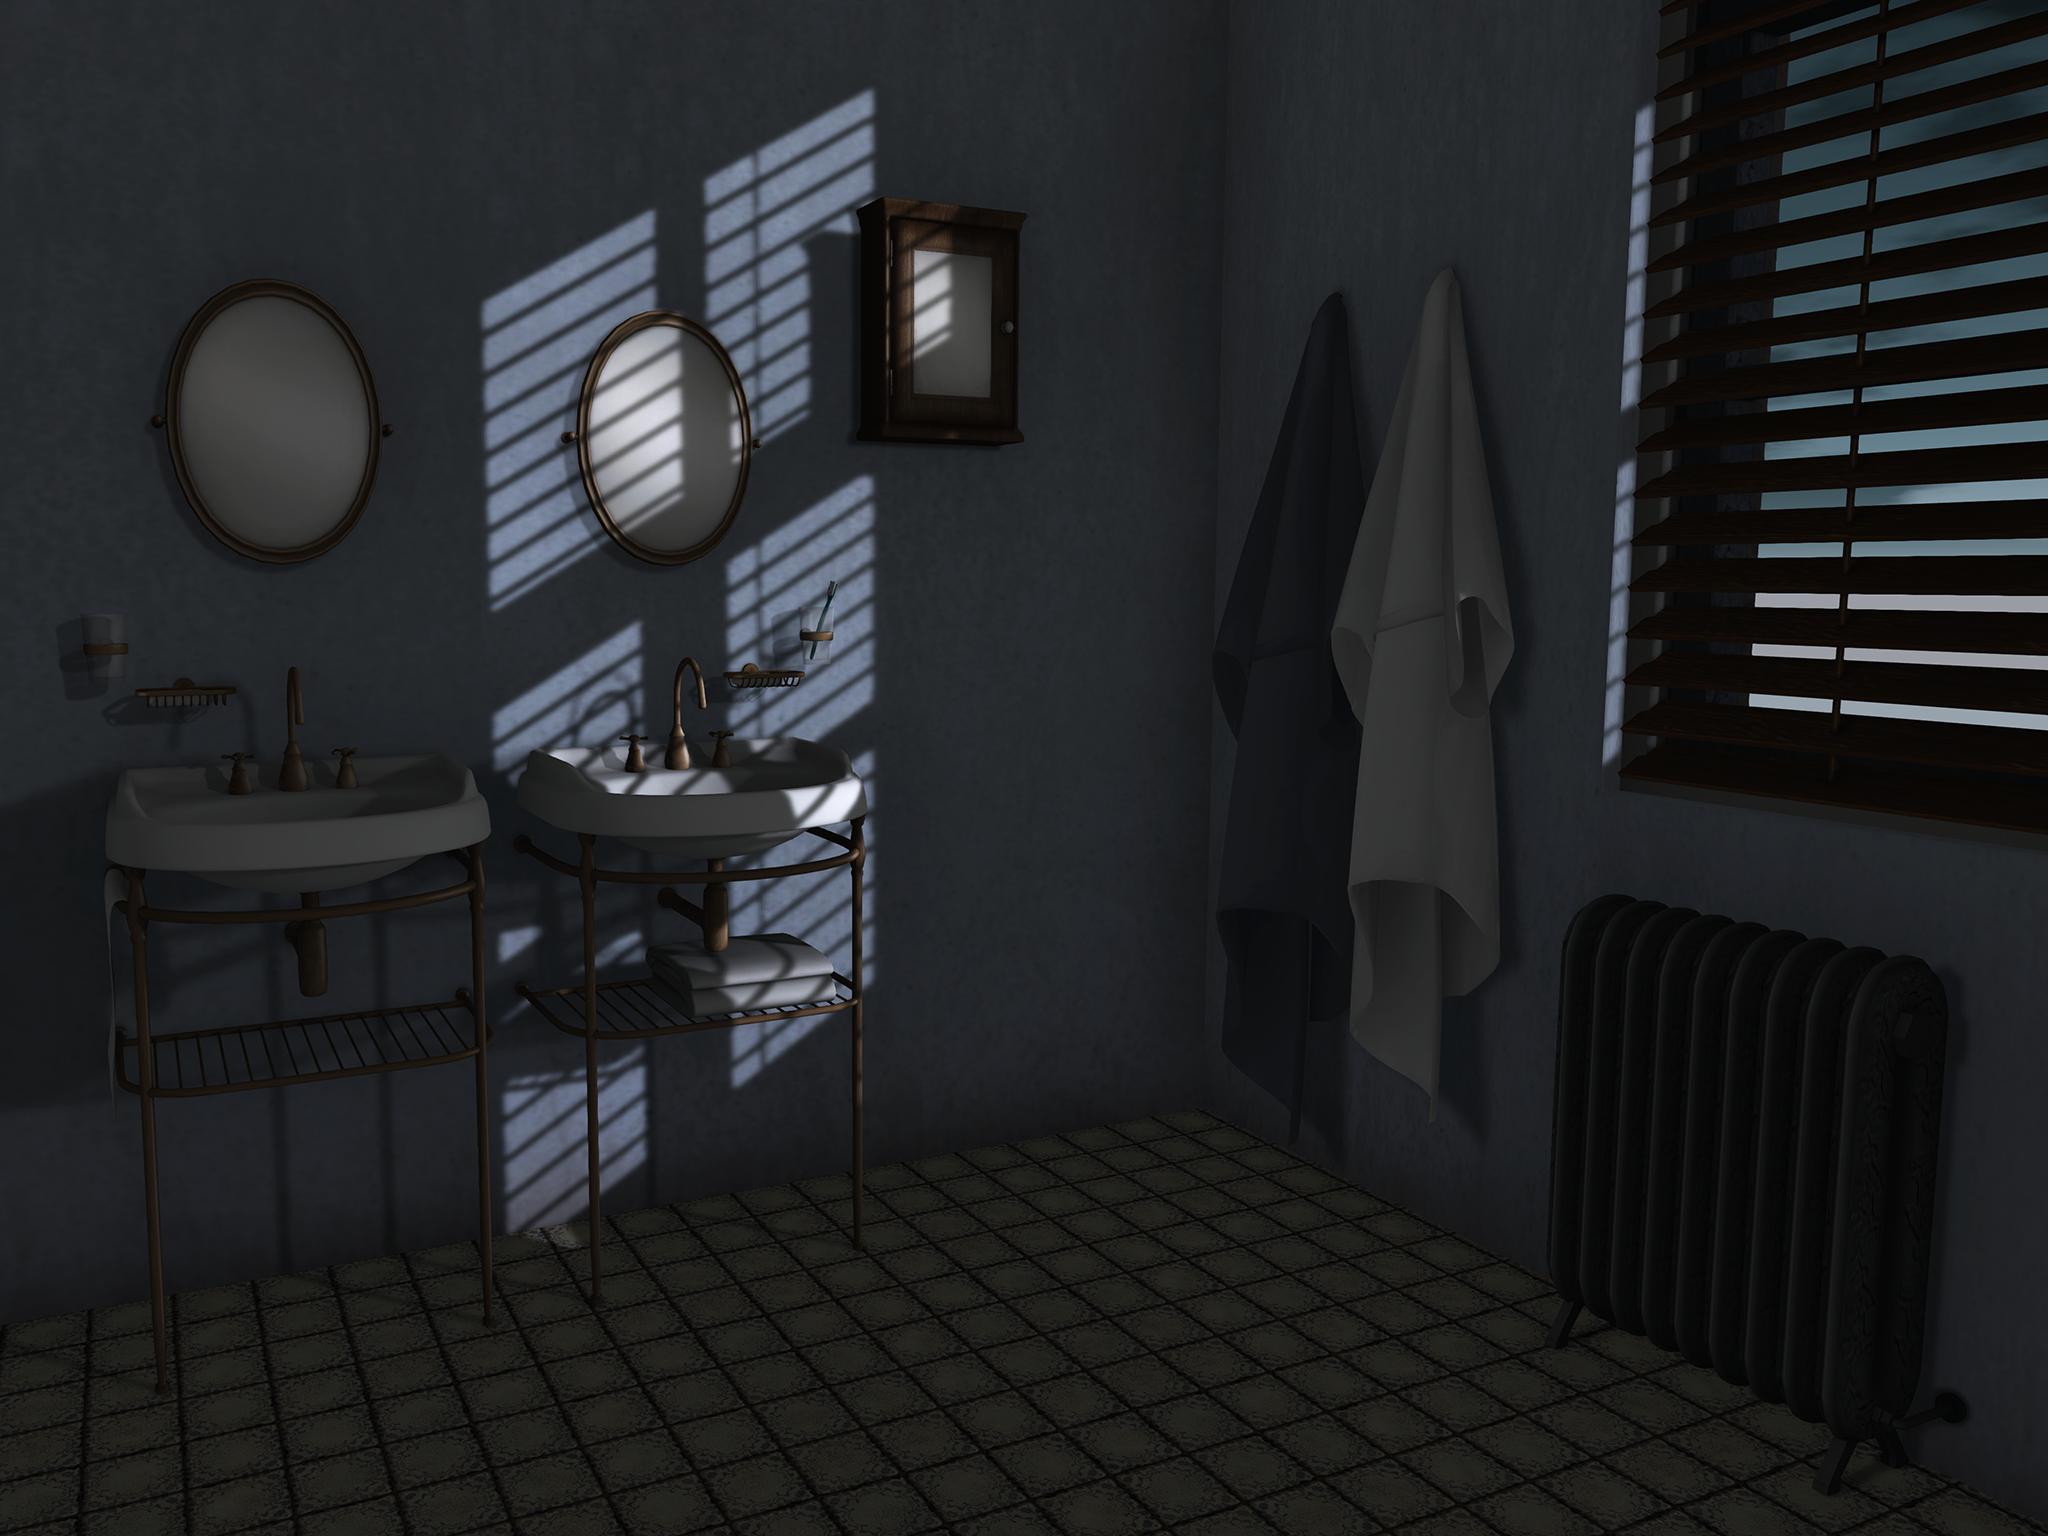 batroom shadows